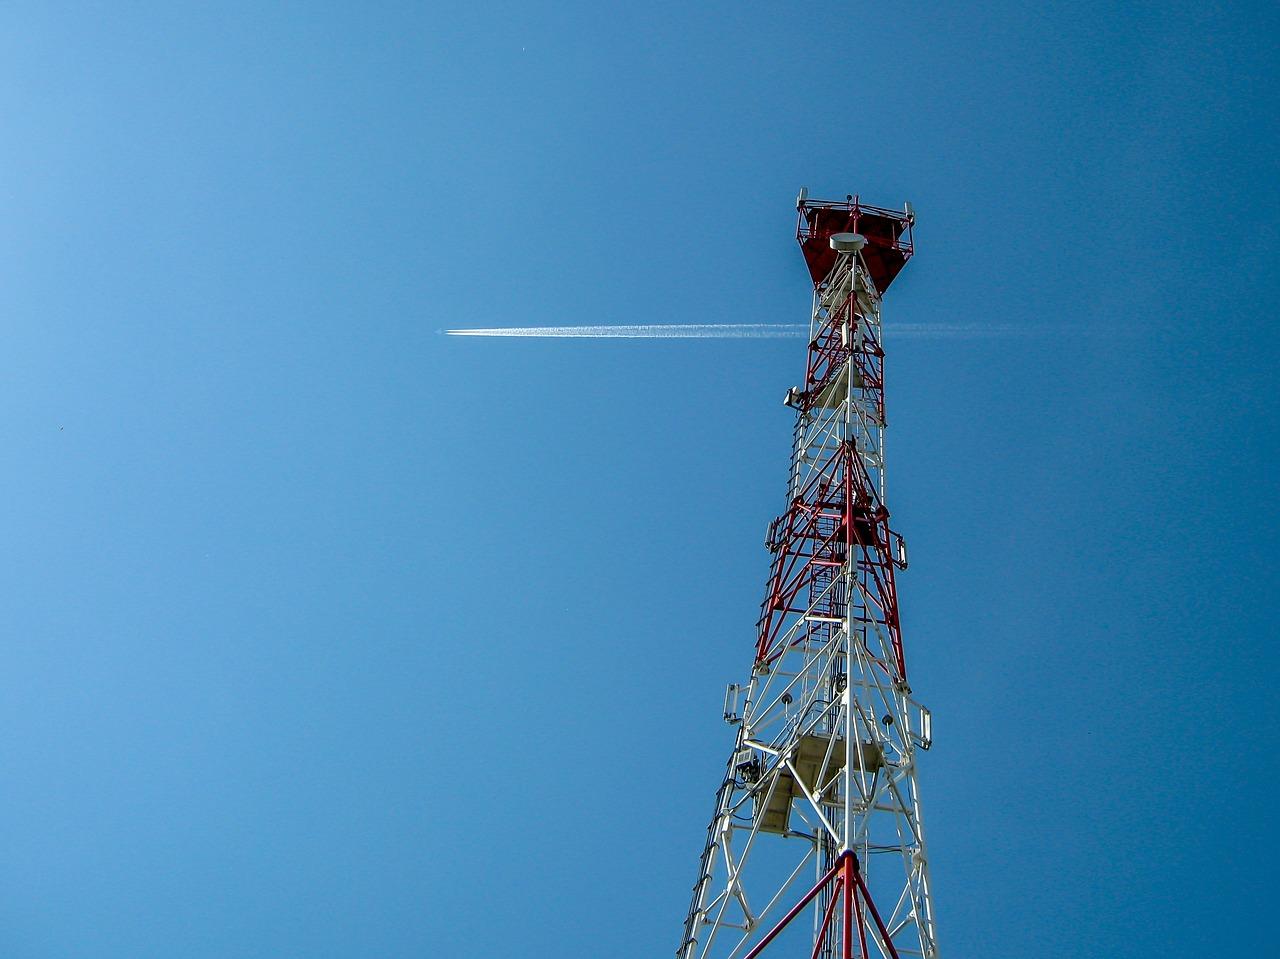 mobile-communications-2575087_1280.jpg